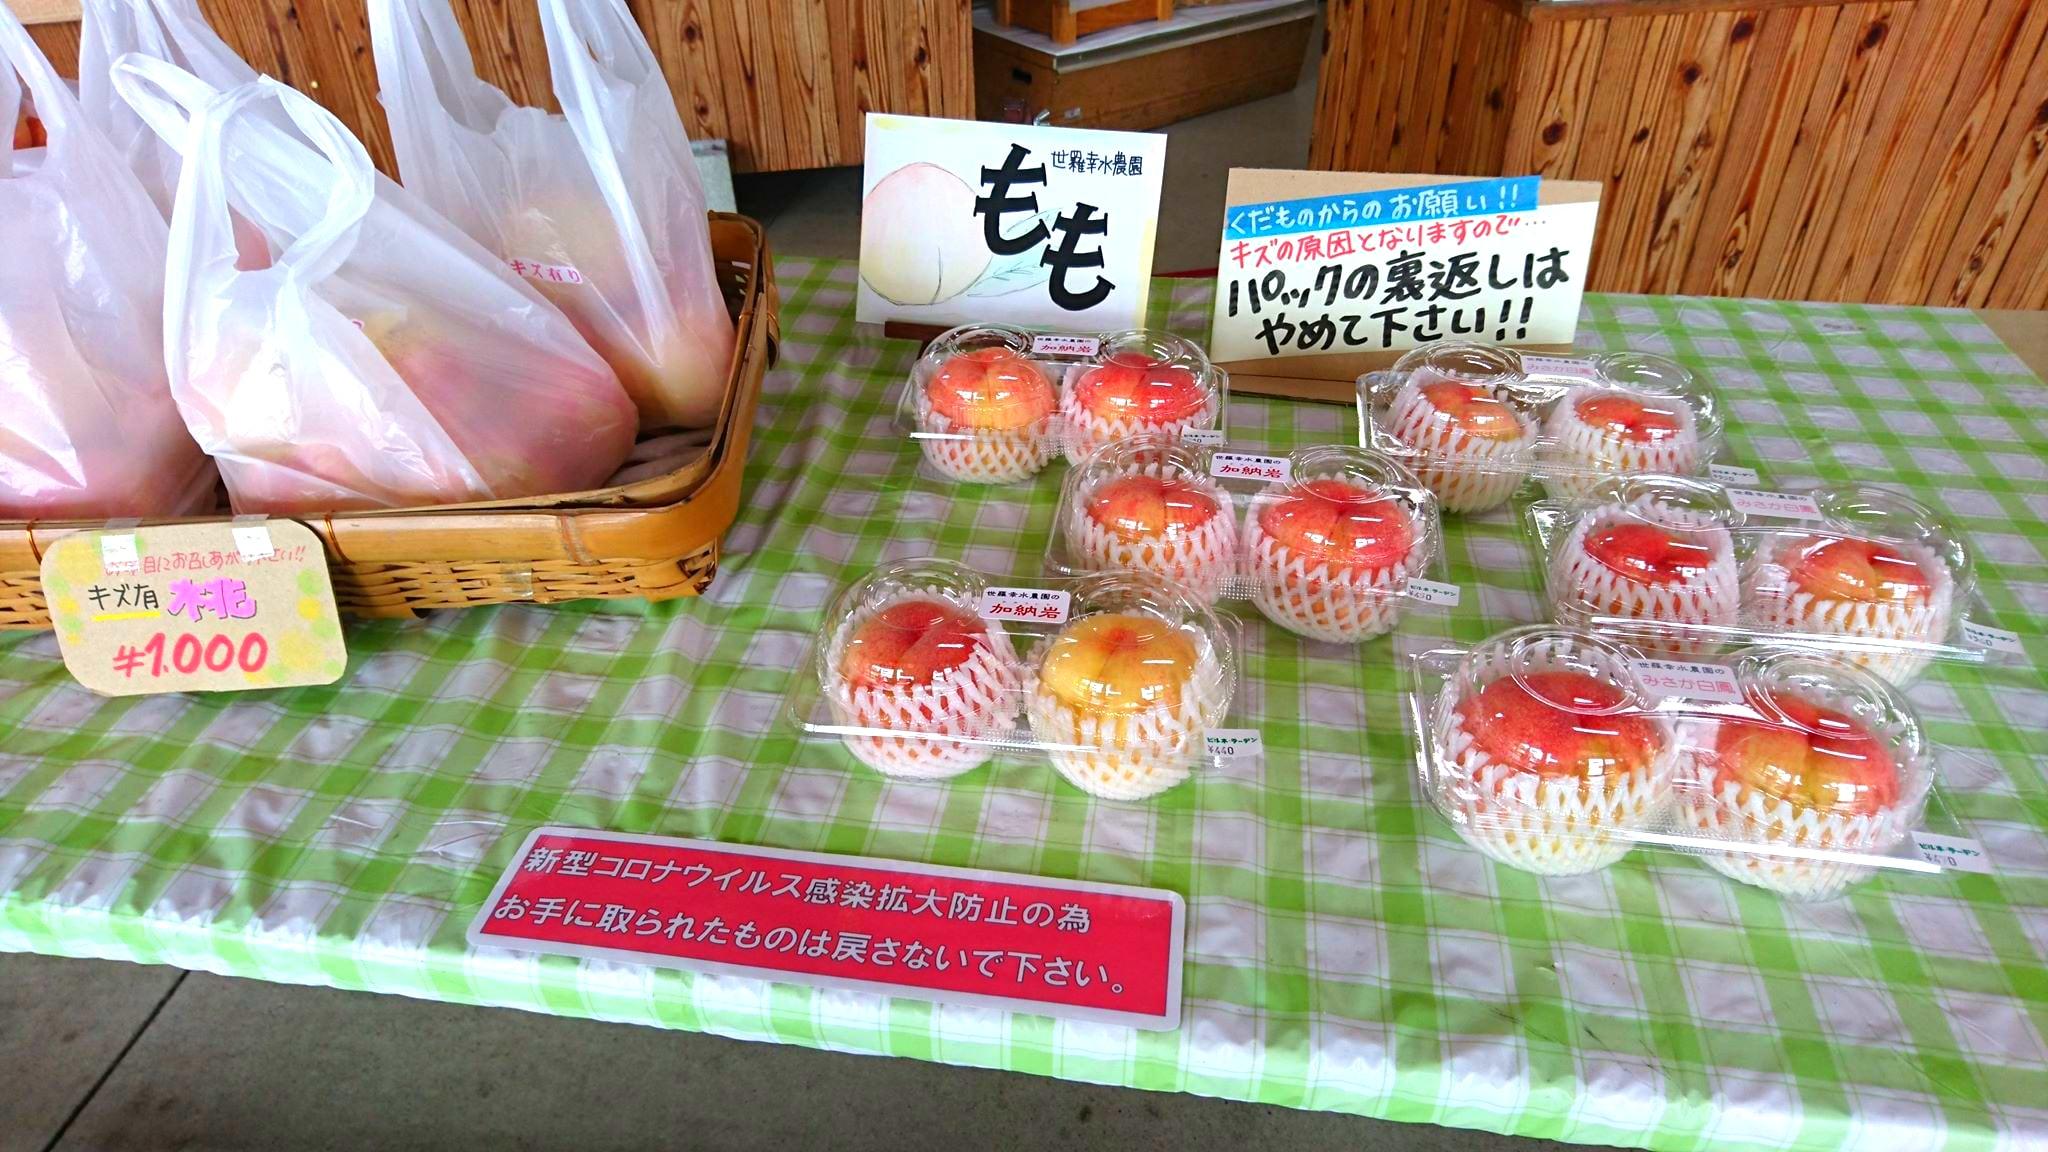 世羅幸水農園 桃の販売 加納岩白桃・みさか白鳳 1